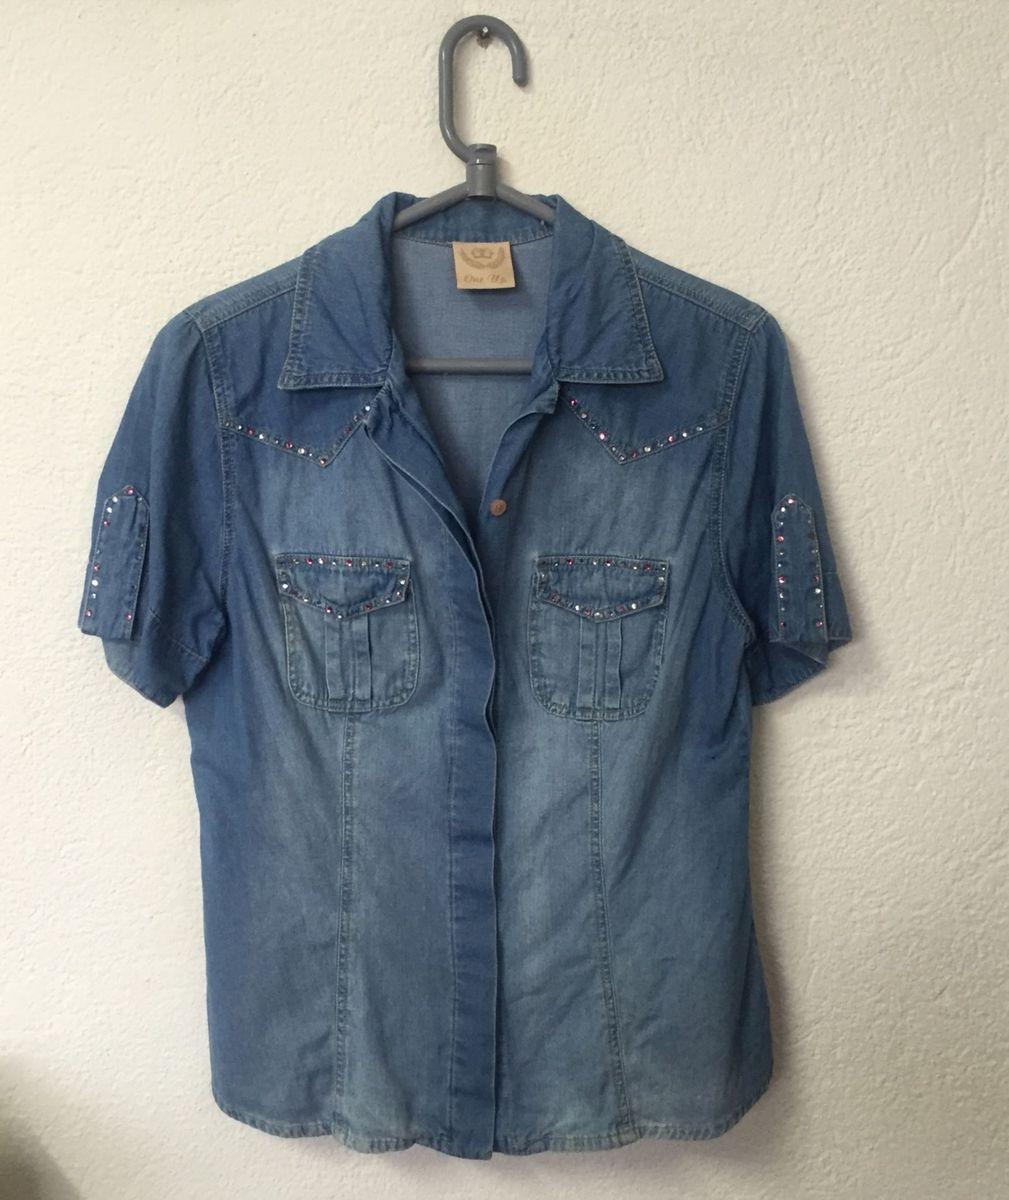 81766abae5 camisa jeans manga curta - blusas one up.  Czm6ly9wag90b3muzw5qb2vplmnvbs5ici9wcm9kdwn0cy81mtmznjk2l2ezn2e3mtk2zwq1yzkxndmynze3ntnlntnkmzzhmdc0lmpwzw